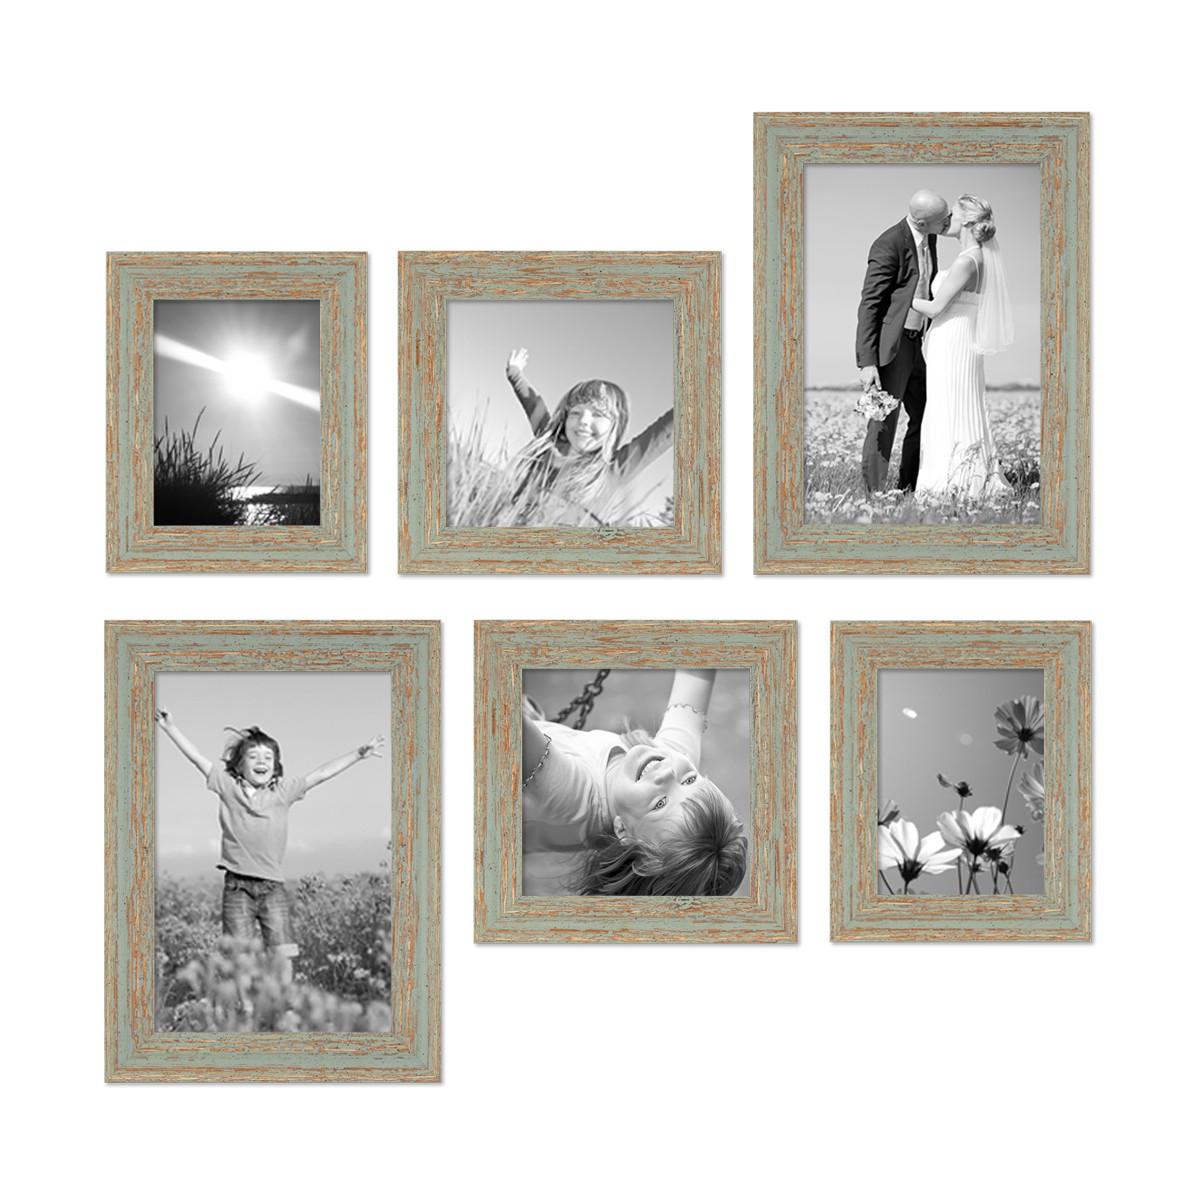 6er Set Vintage Bilderrahmen Grau-Grün Shabby-Chic 15x20, 20x20 und ...